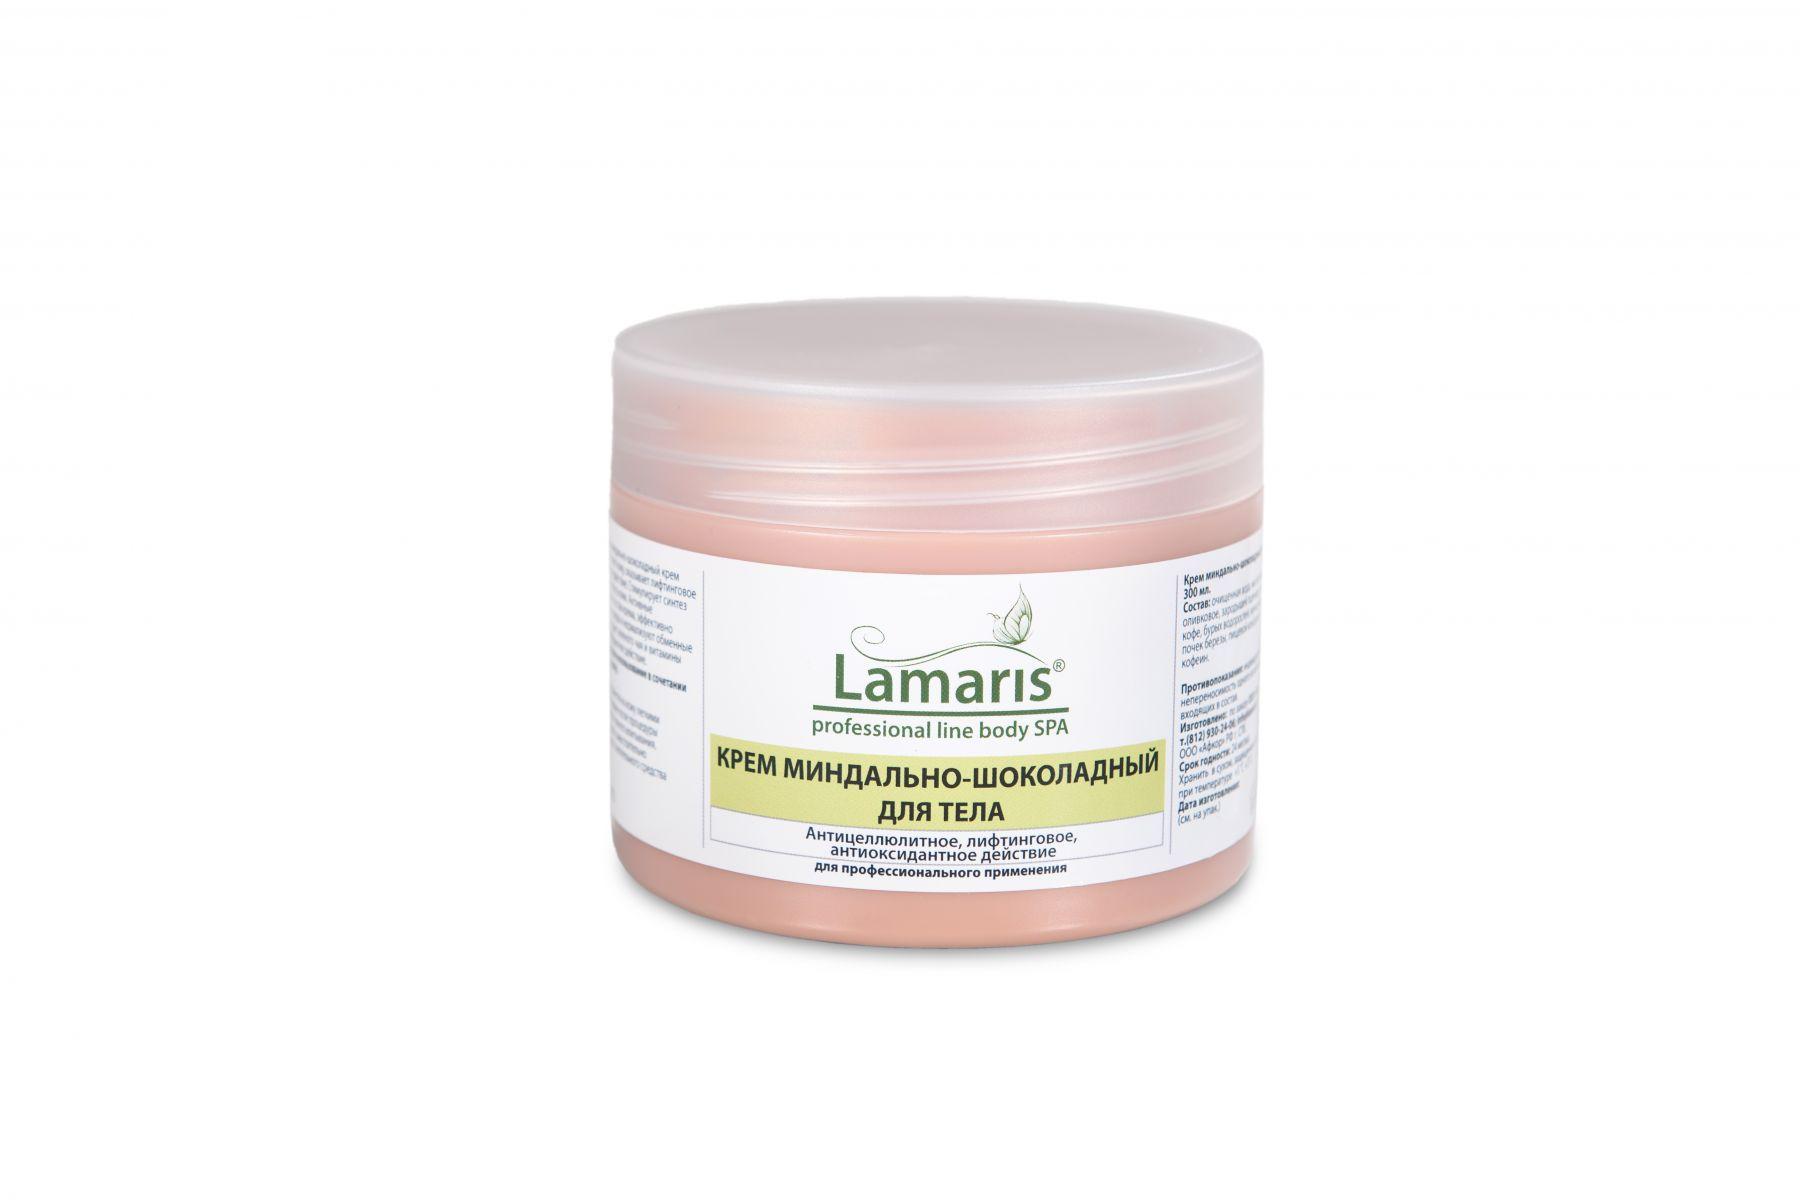 Миндально-шоколадный крем Lamaris для тела - 300, 550 мл.